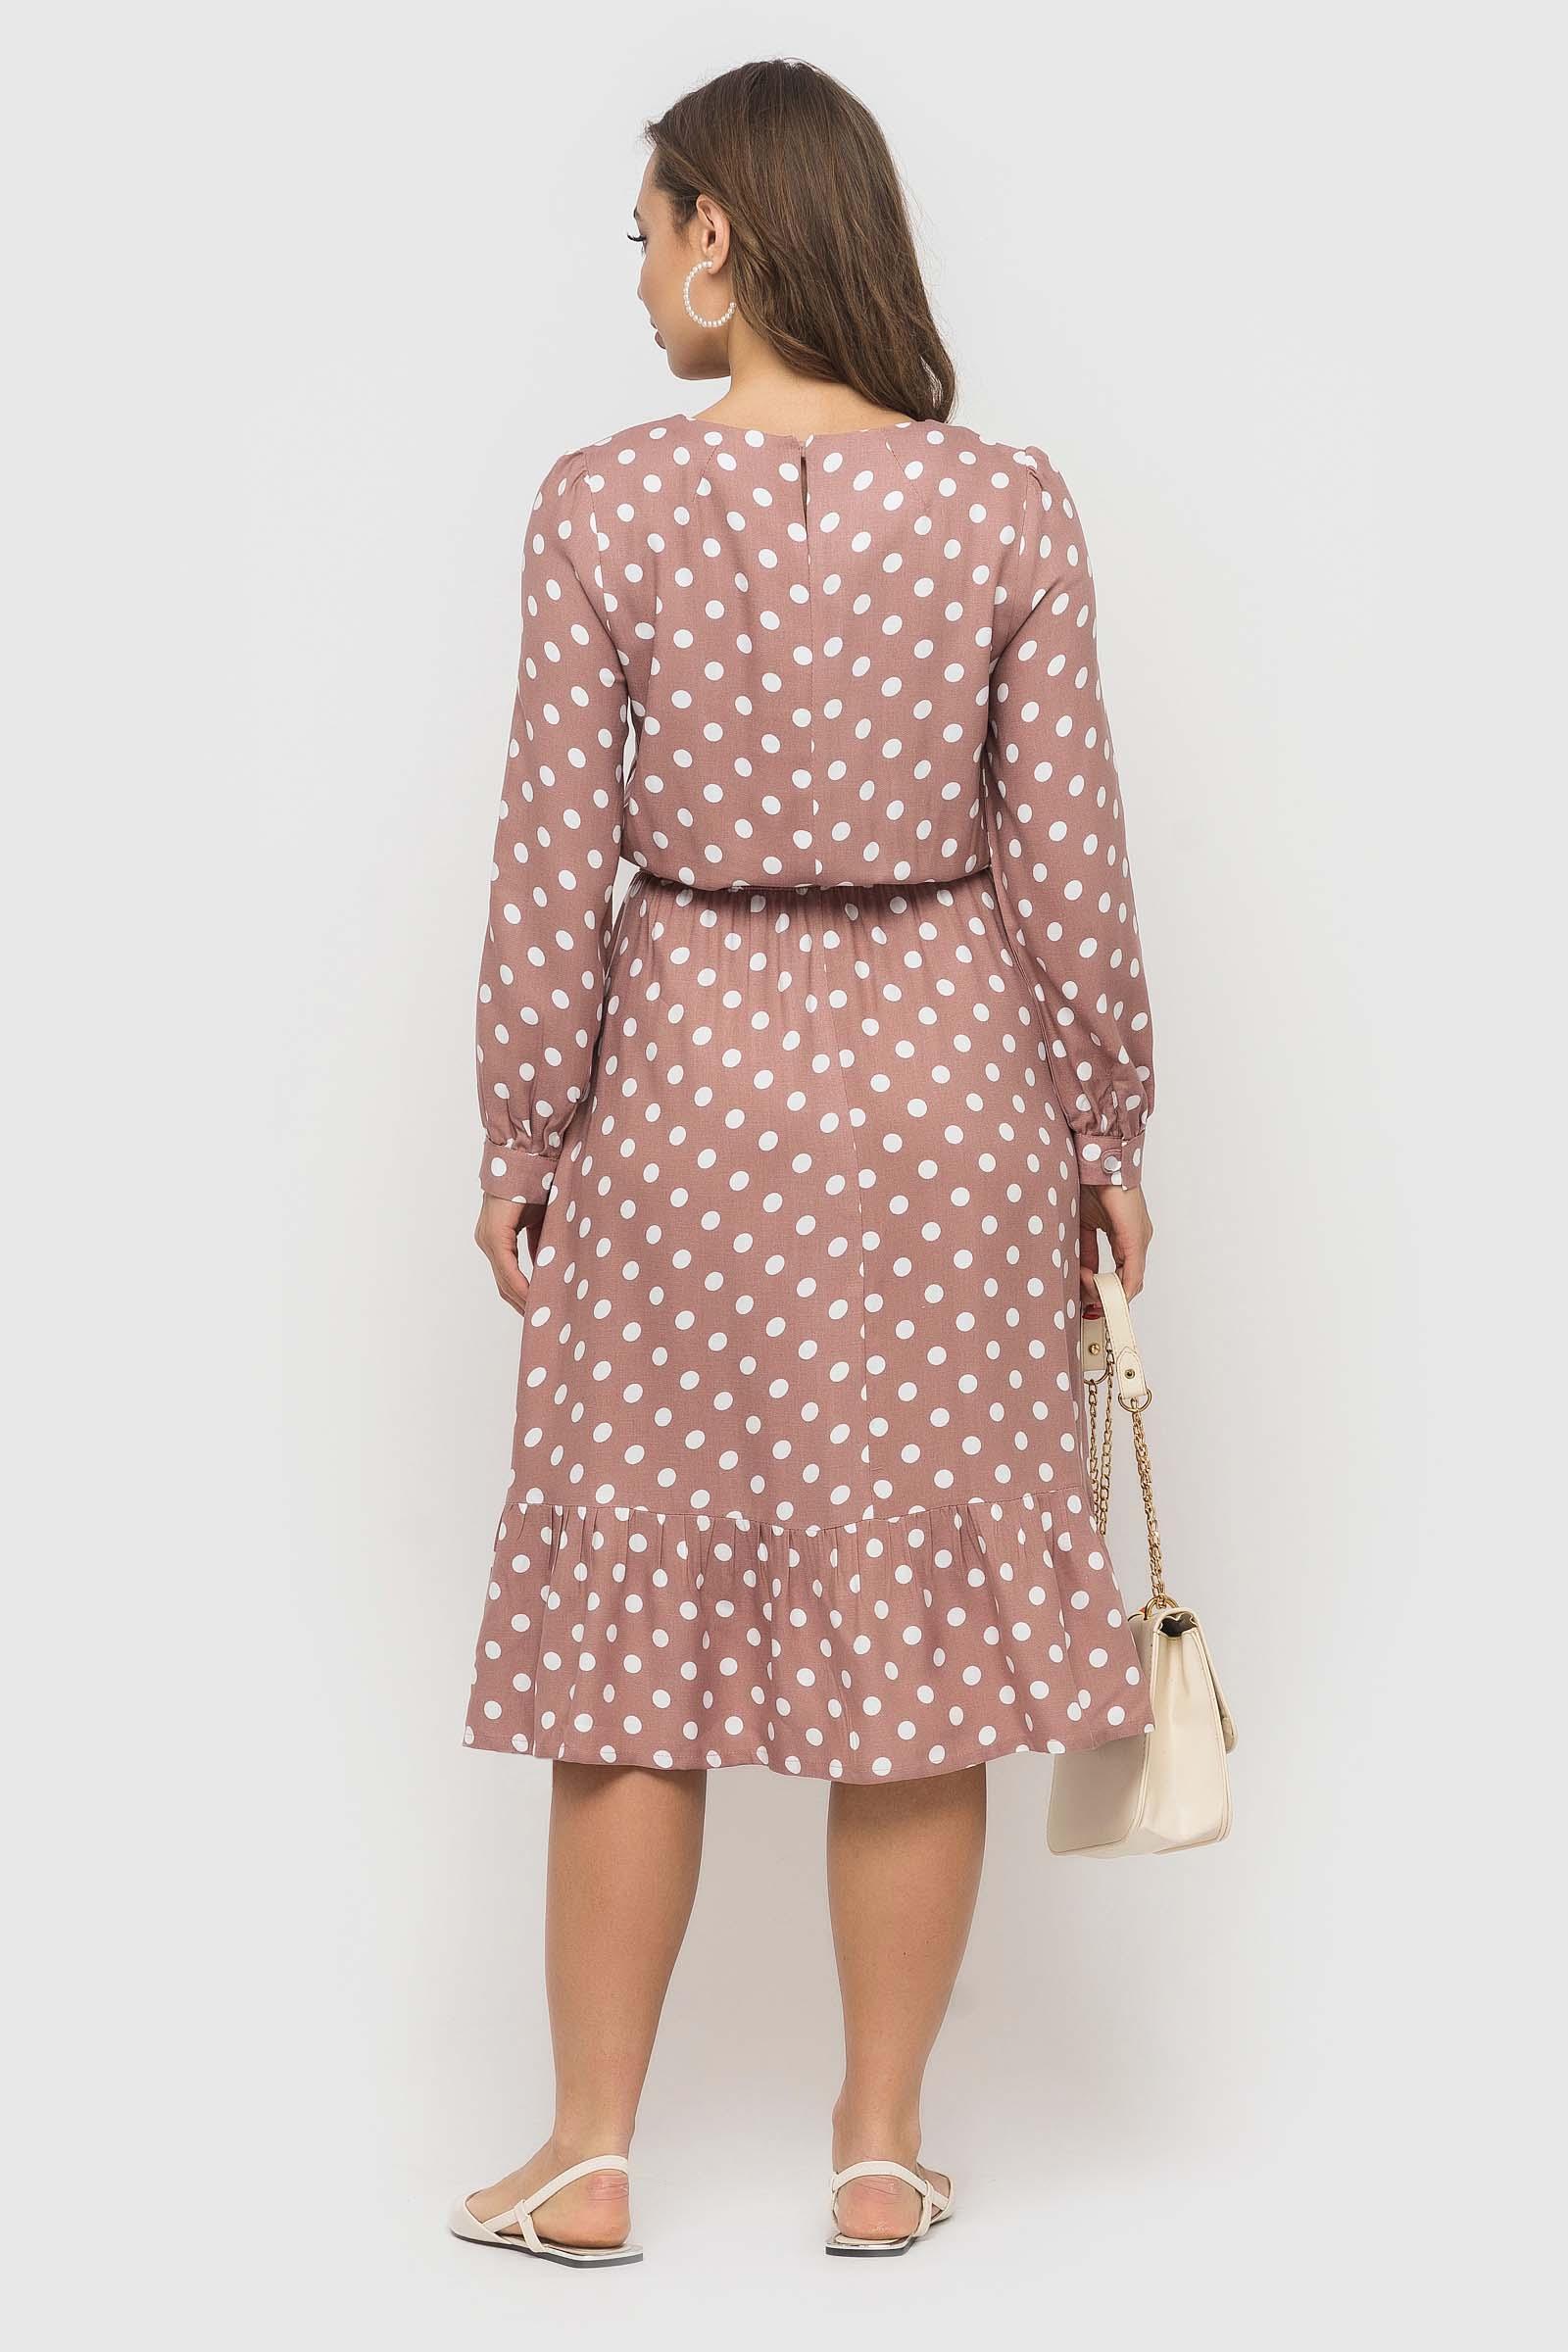 be art 2020 04 07182680 Купить платье